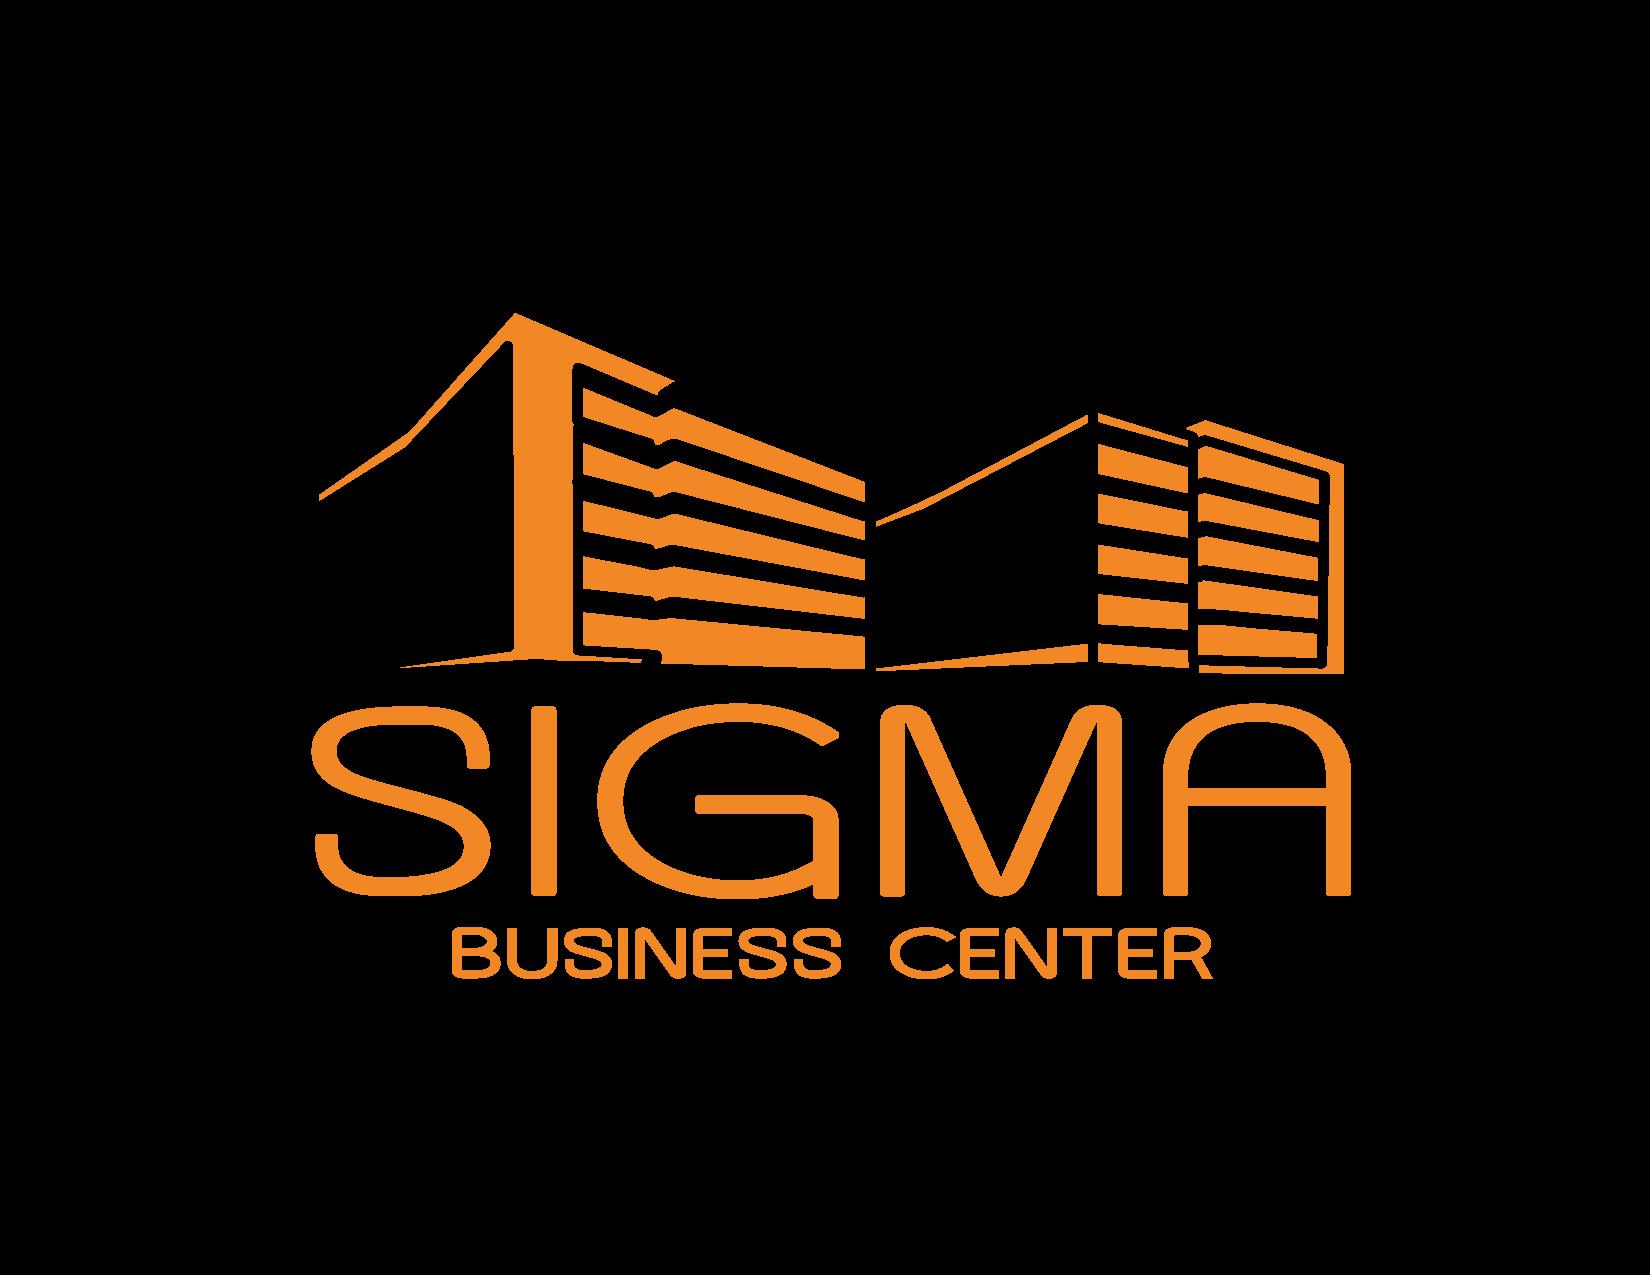 Sigma Business Center